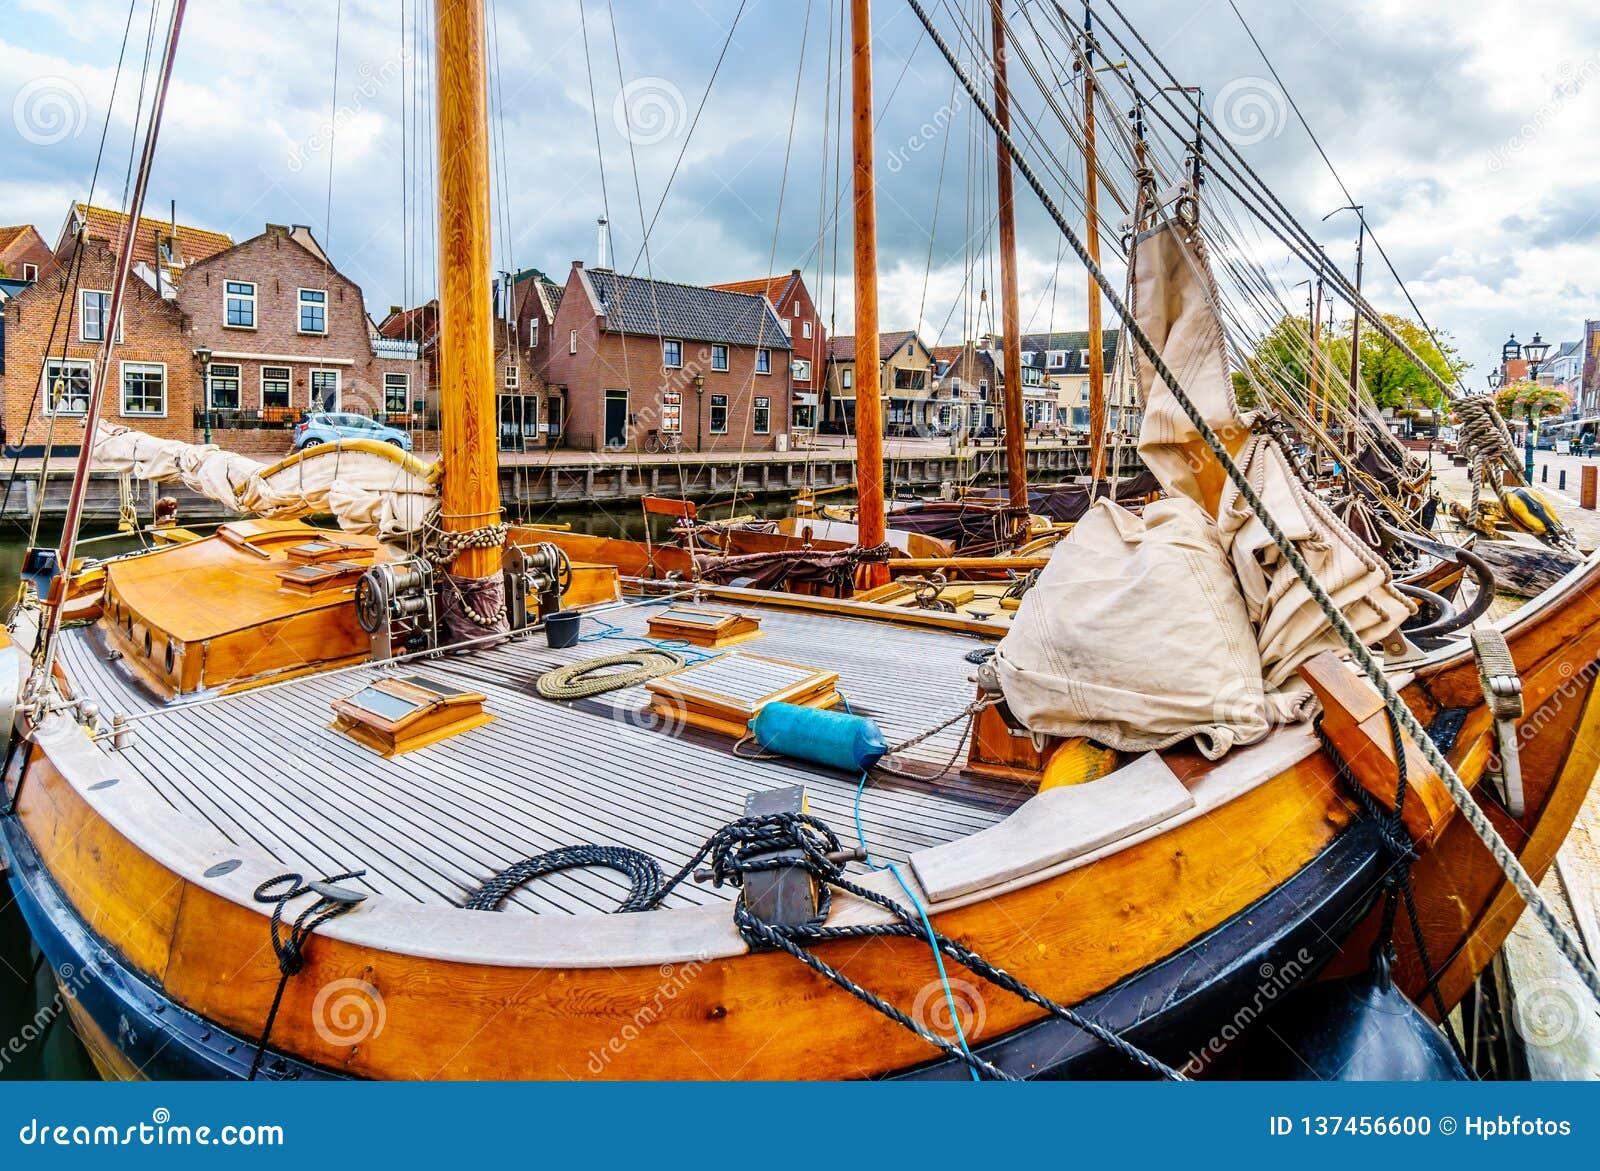 Fishing Boats moored in the harbor of Bunschoten-Spakenburg in